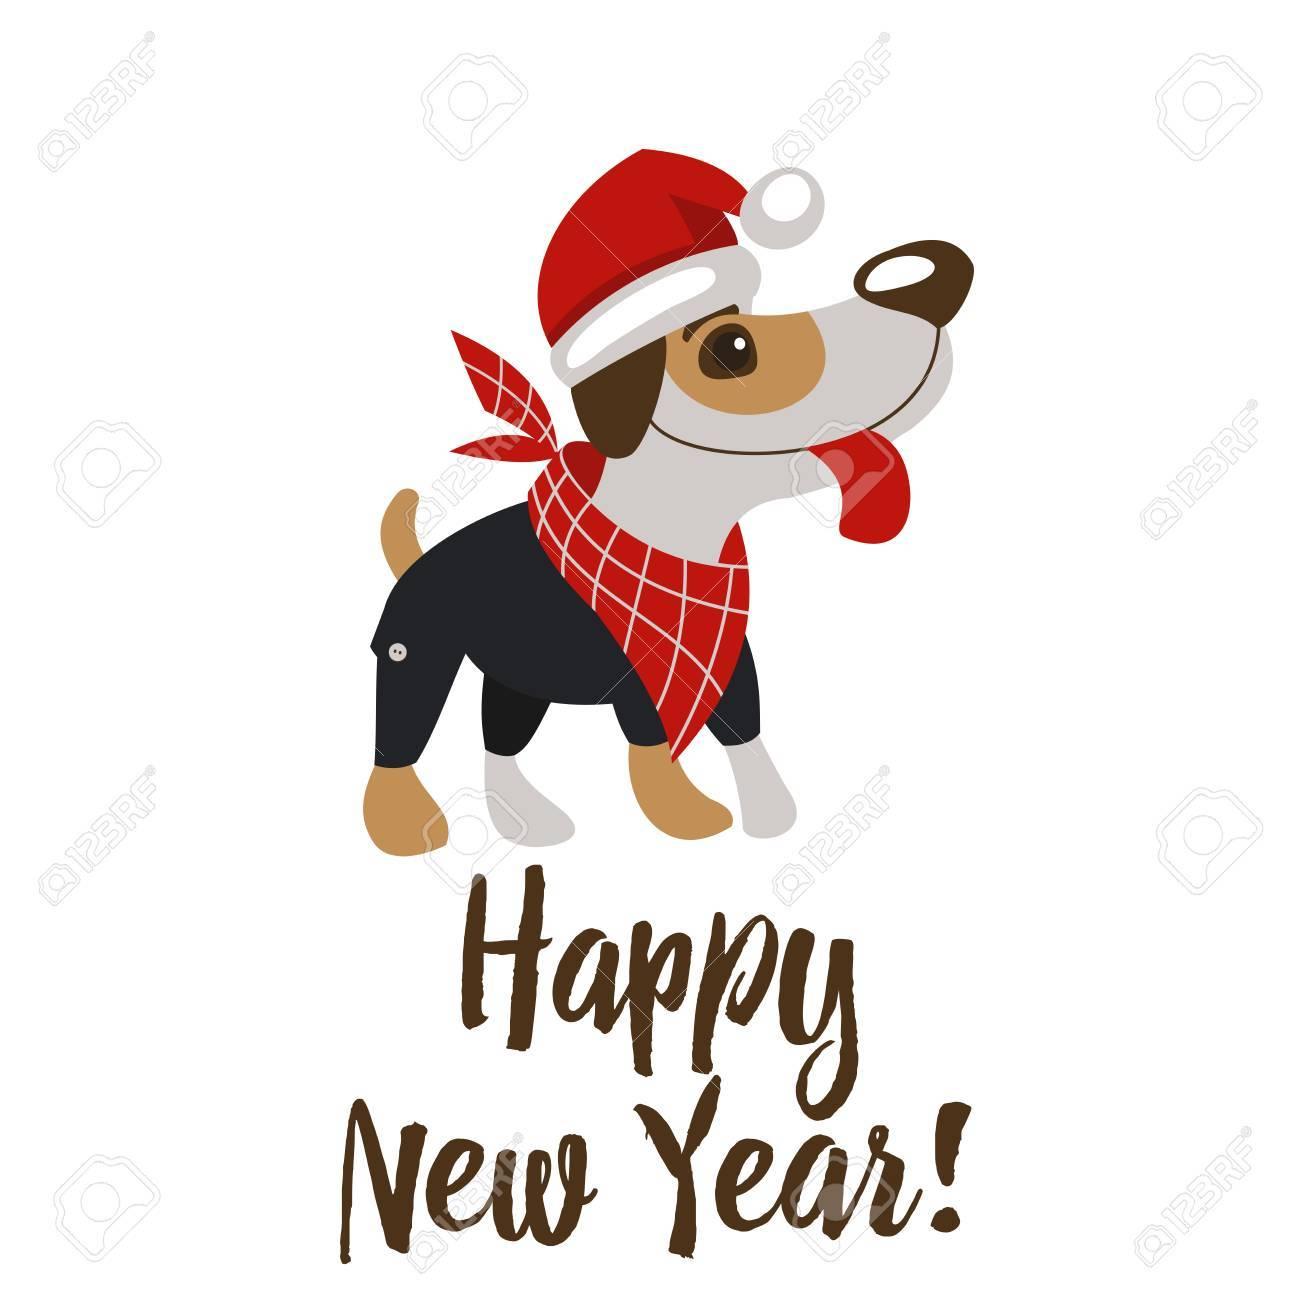 Frohes Neues Jahr Und Frohe Weihnachten Grusskarte Mit Lustigem